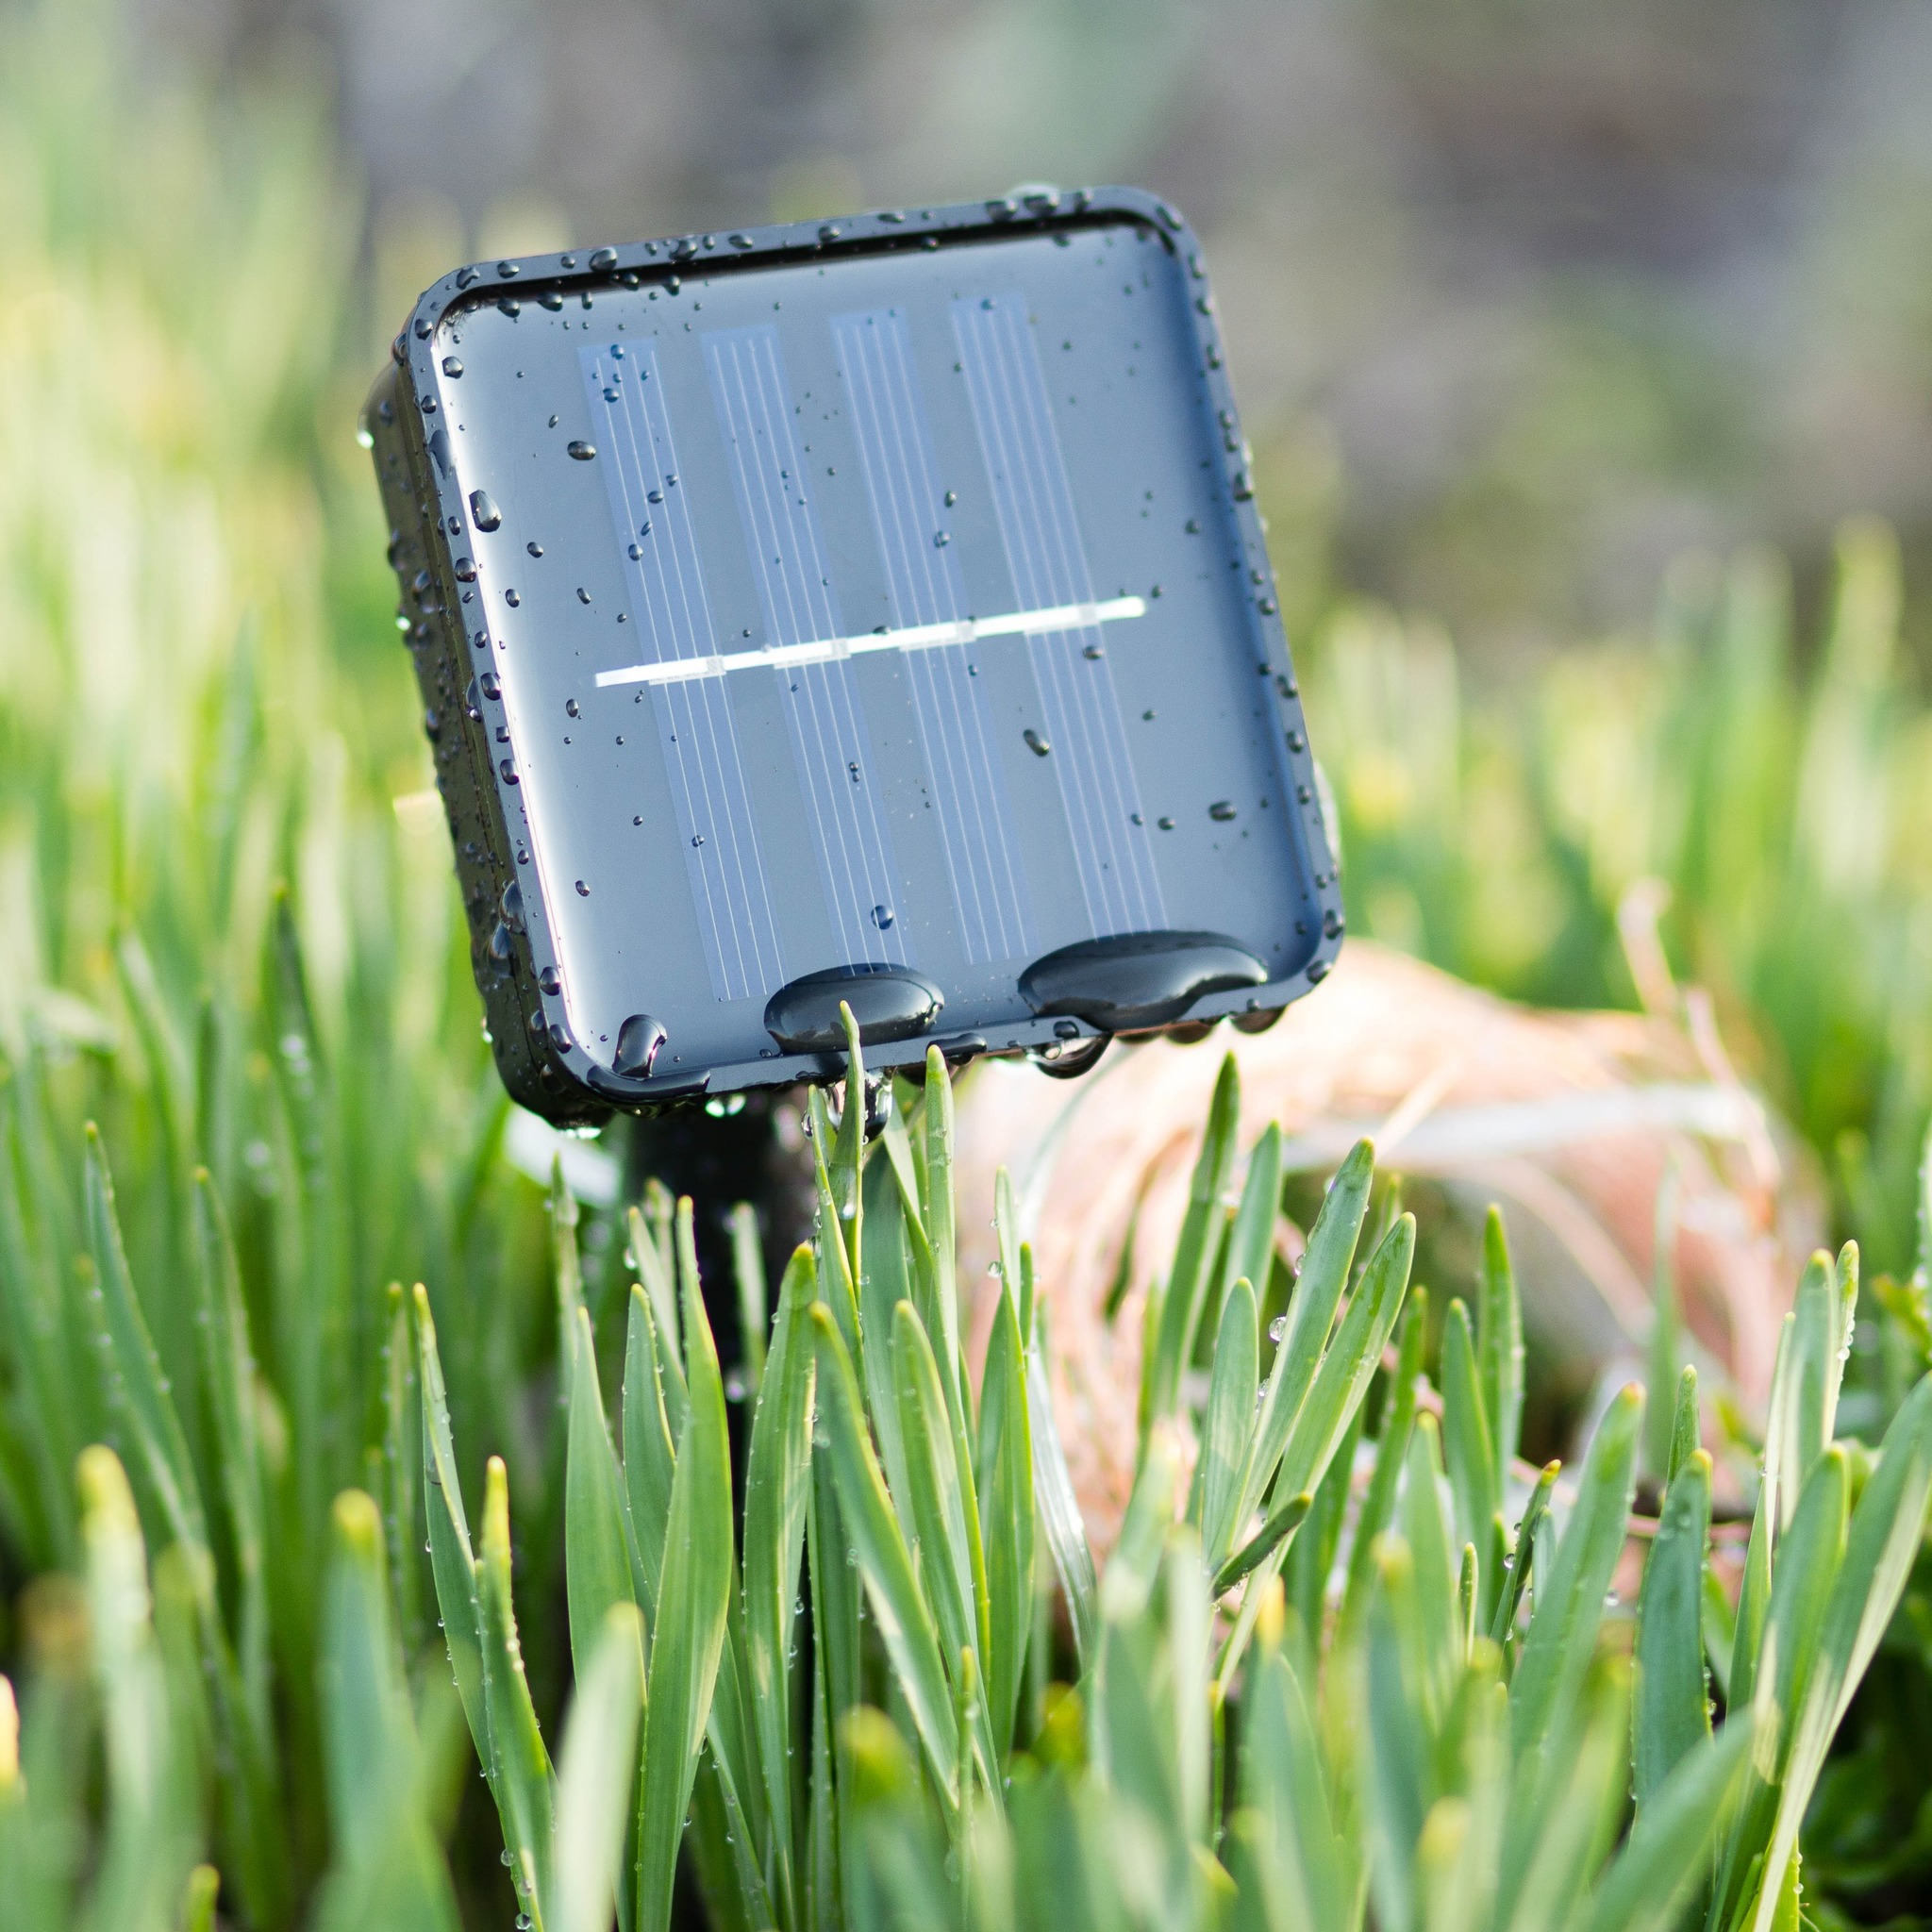 Гирлянда-нить на солнечной батарее EPECOLED золотая (10 метров, 100LED)